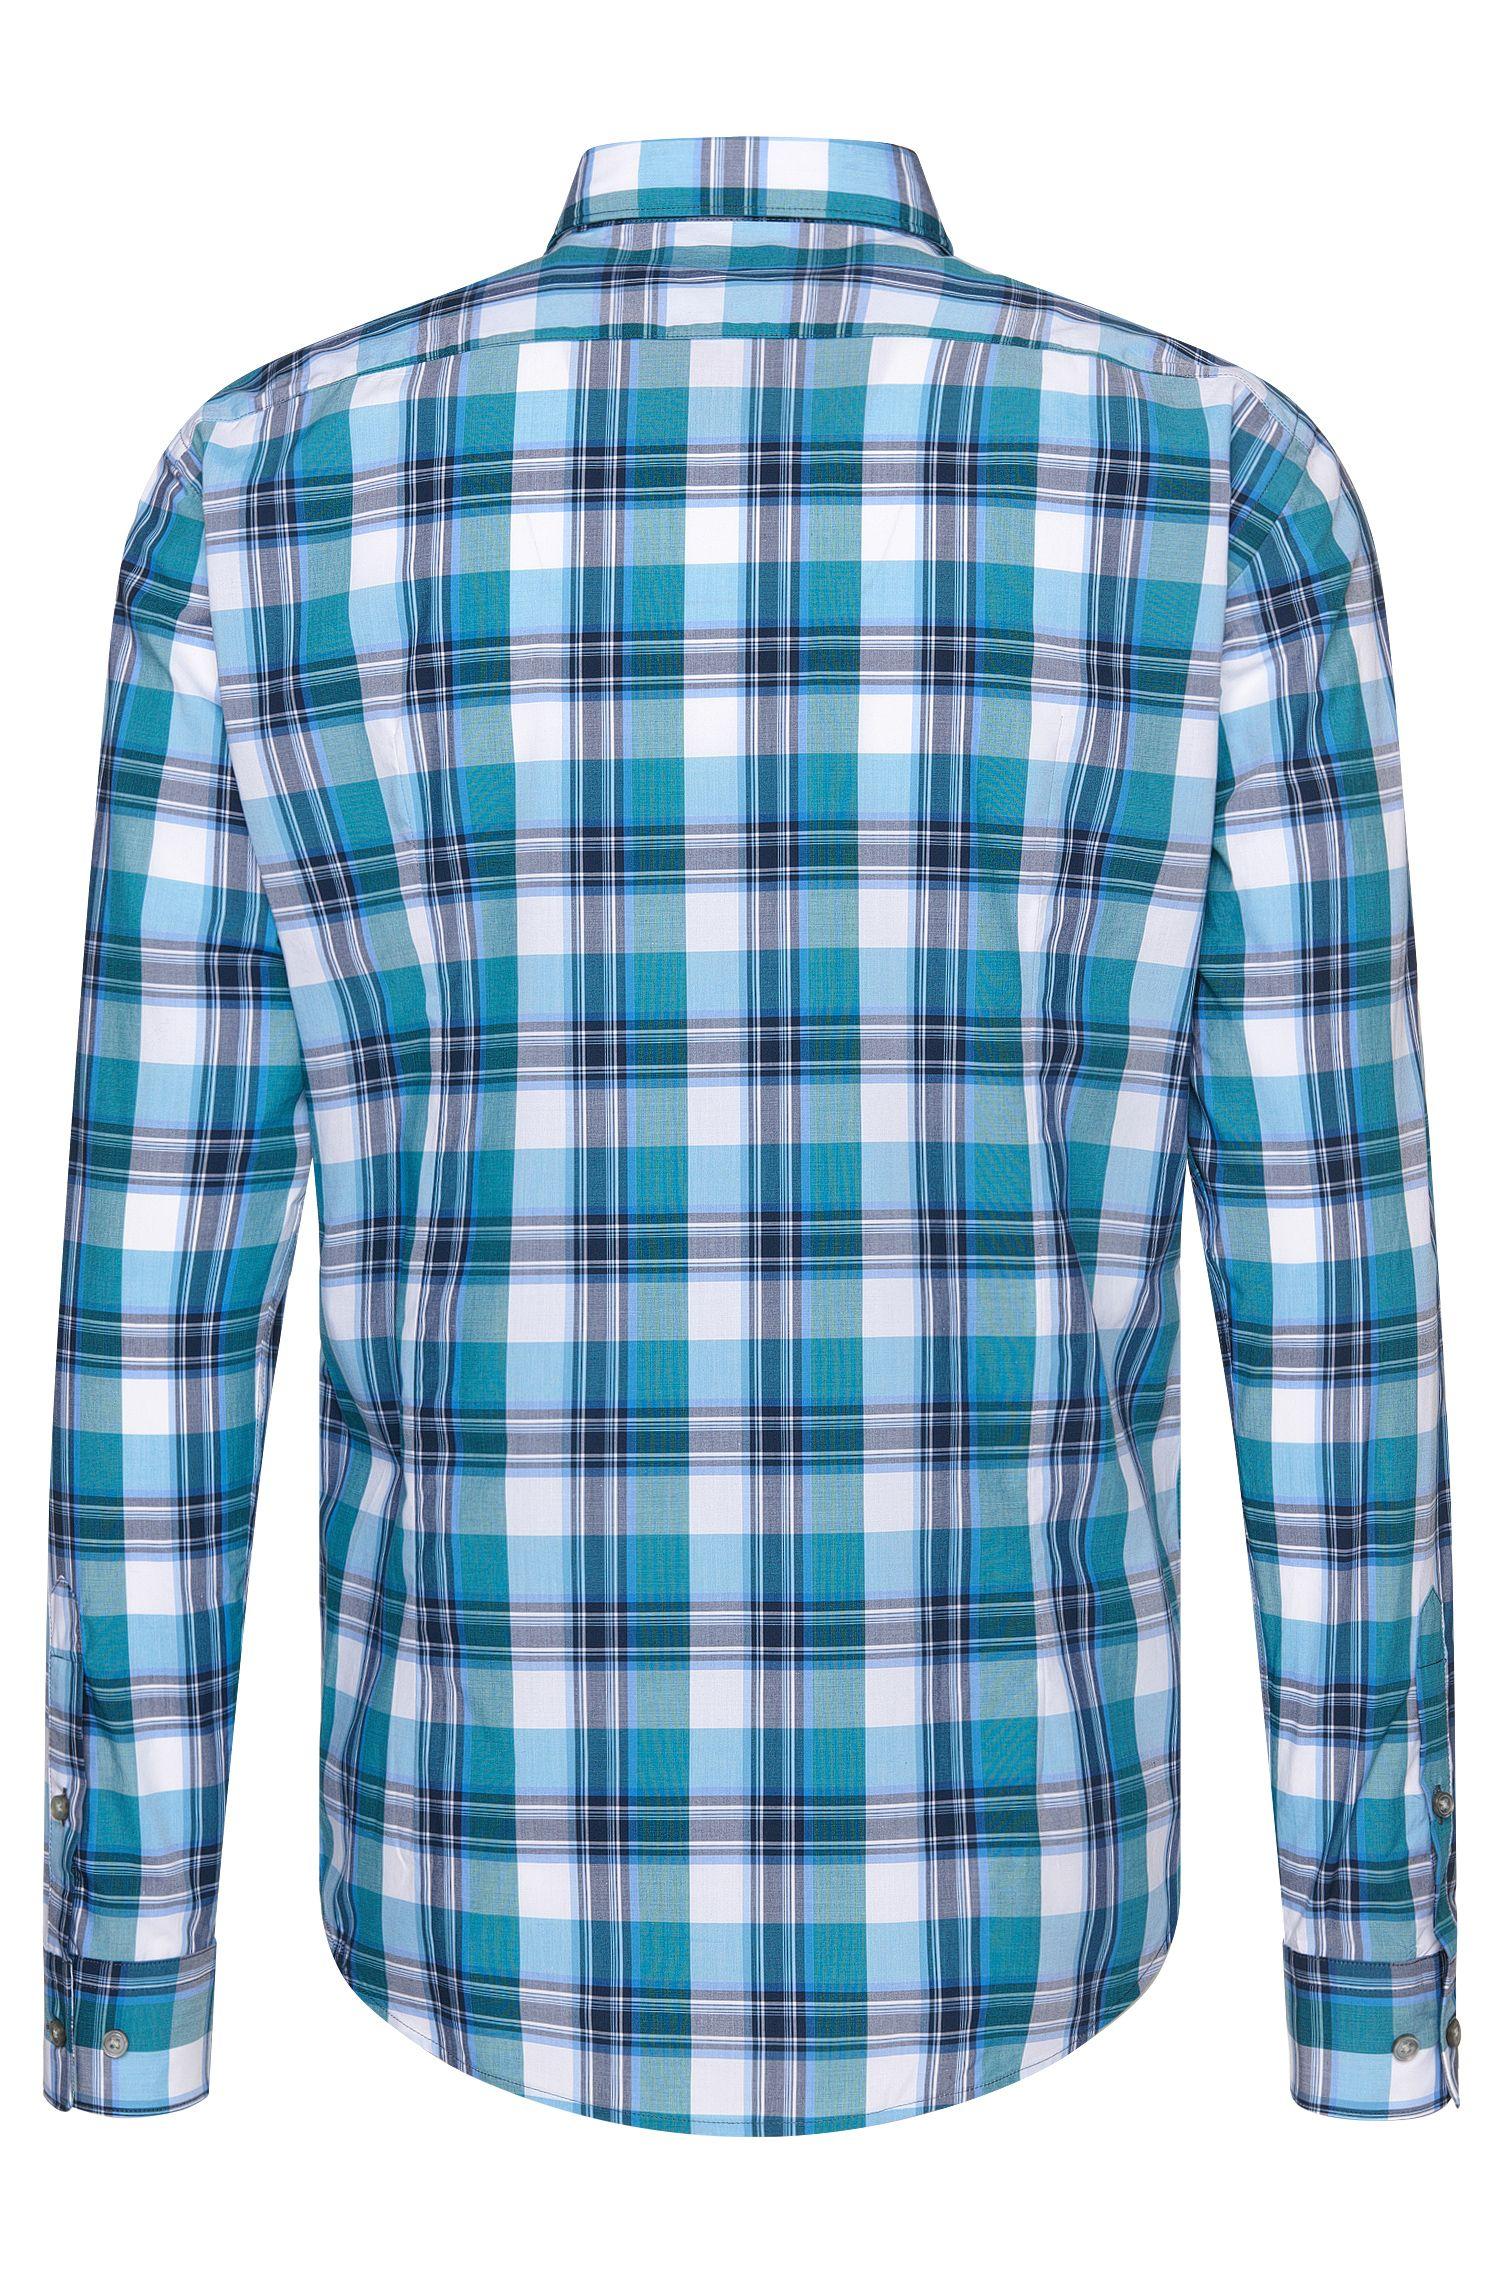 Cotton Button Down Shirt, Slim Fit   Robbie, Light Blue